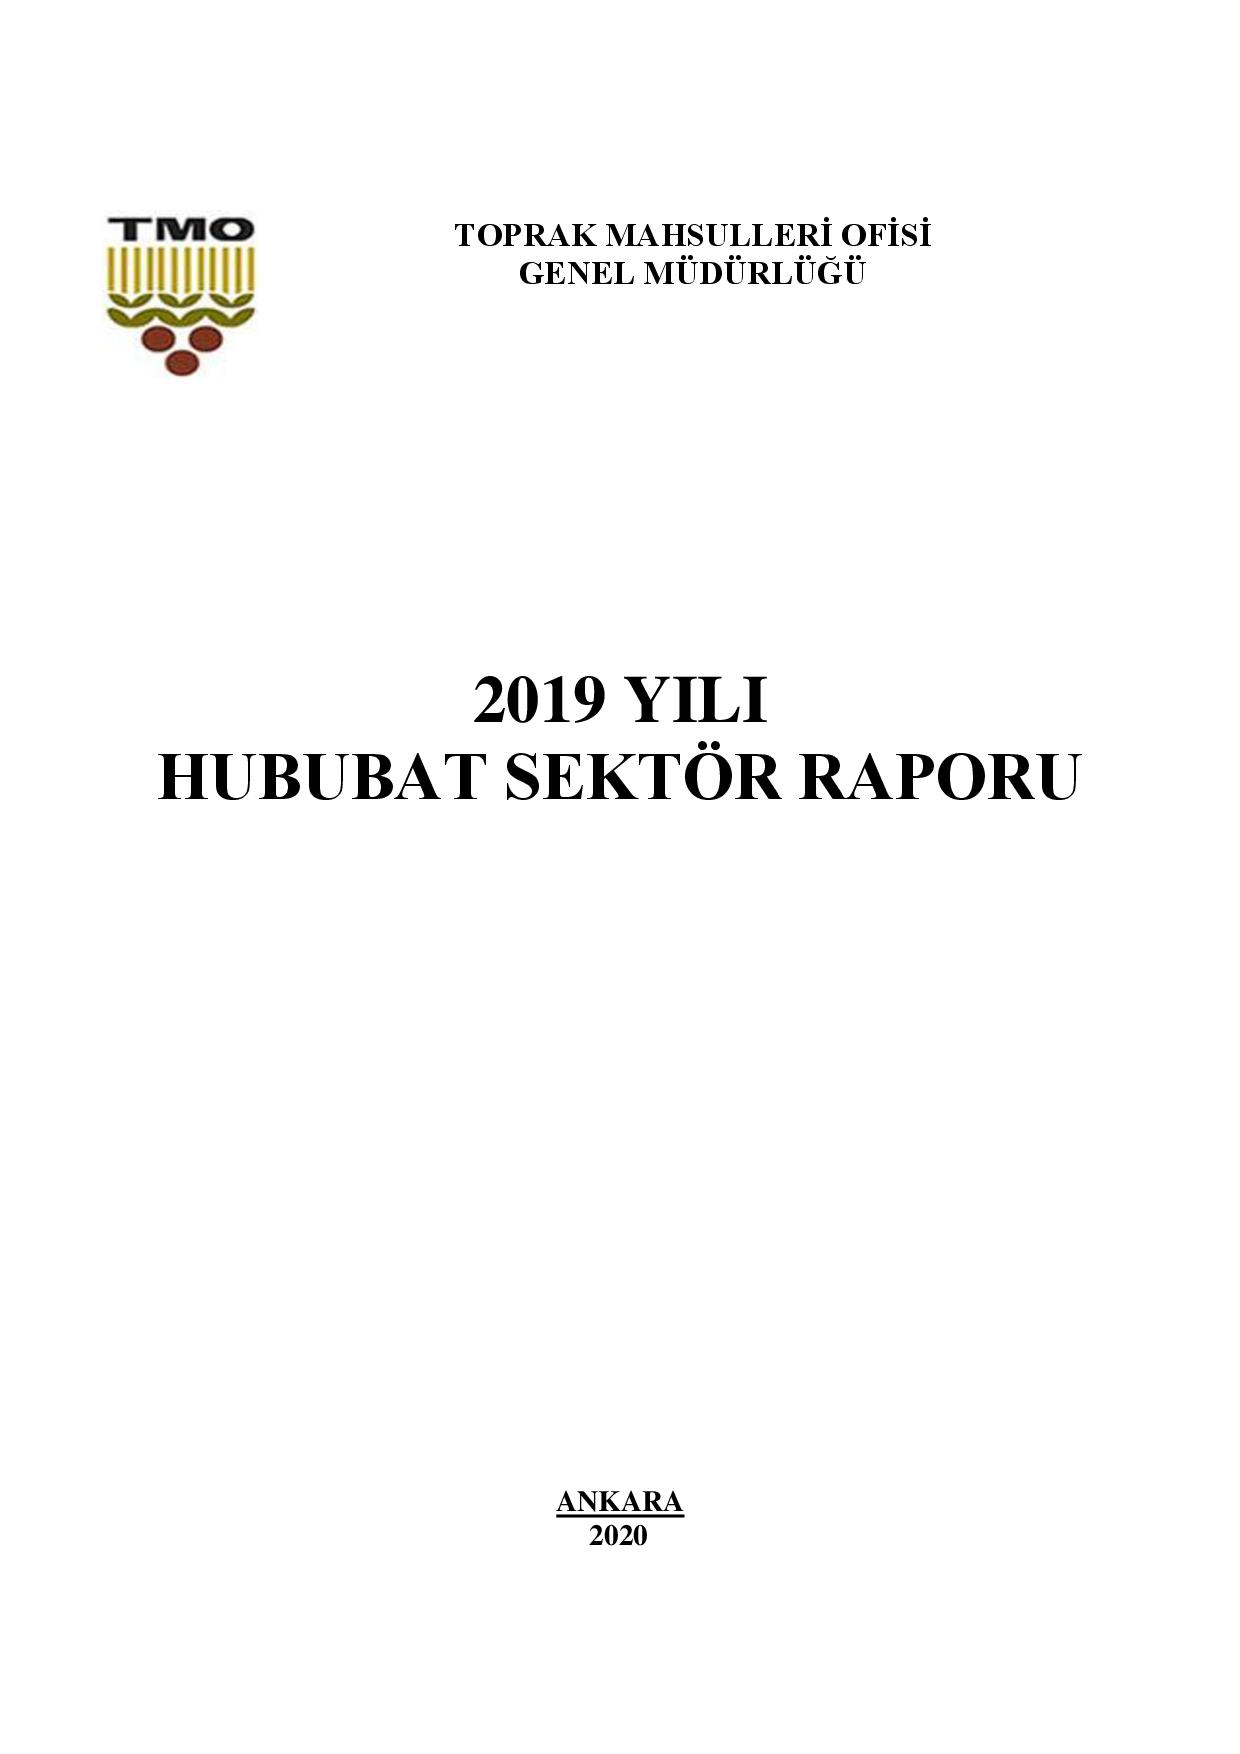 TMO HUBUBAT SEKTÖR RAPORU 2019